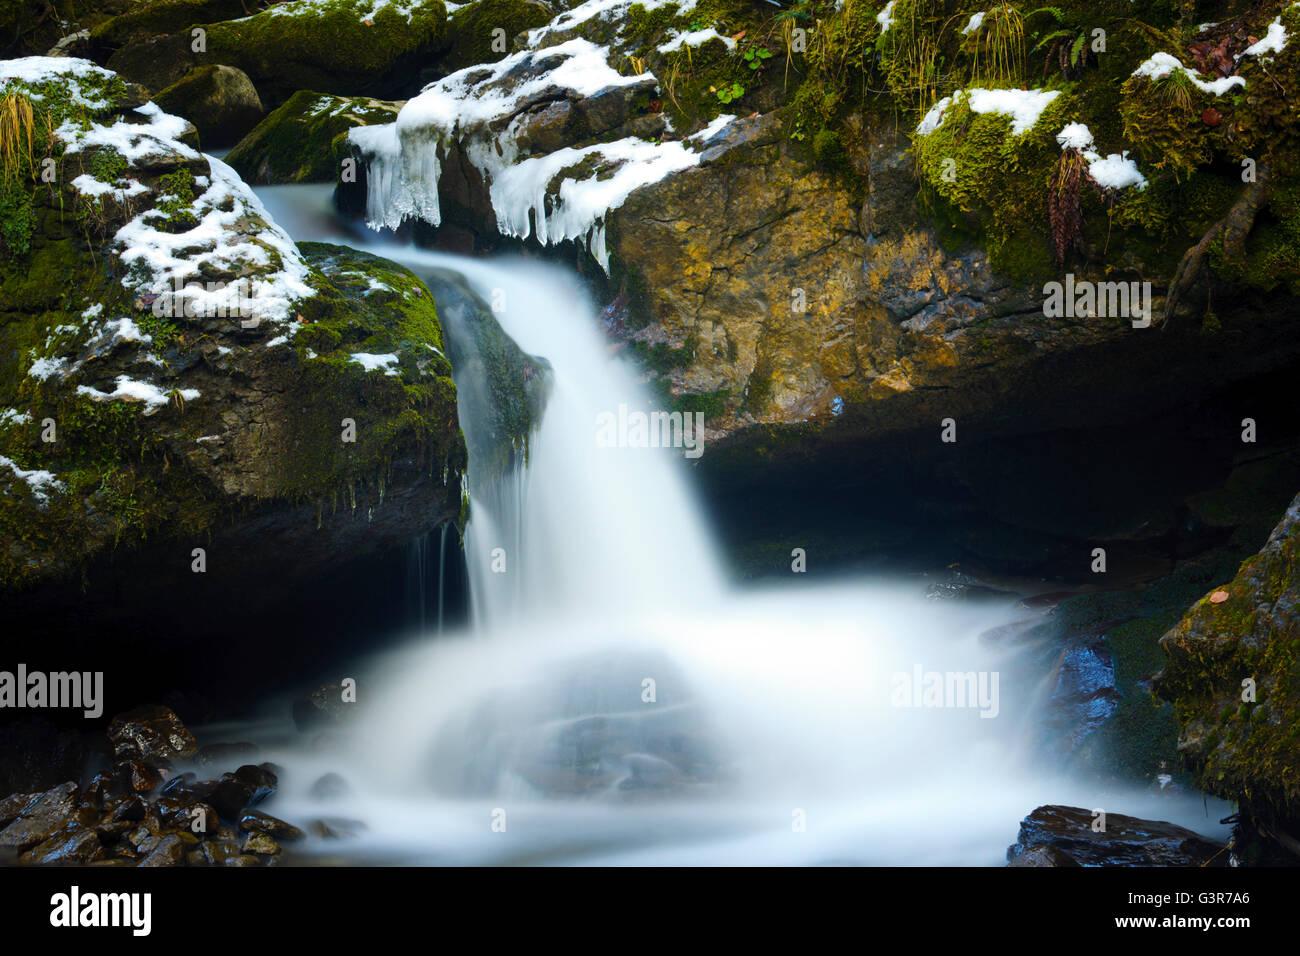 Kleiner Wasserfall im Winter mit Motion Blur, Haute Savoie, Frankreich. Stockbild